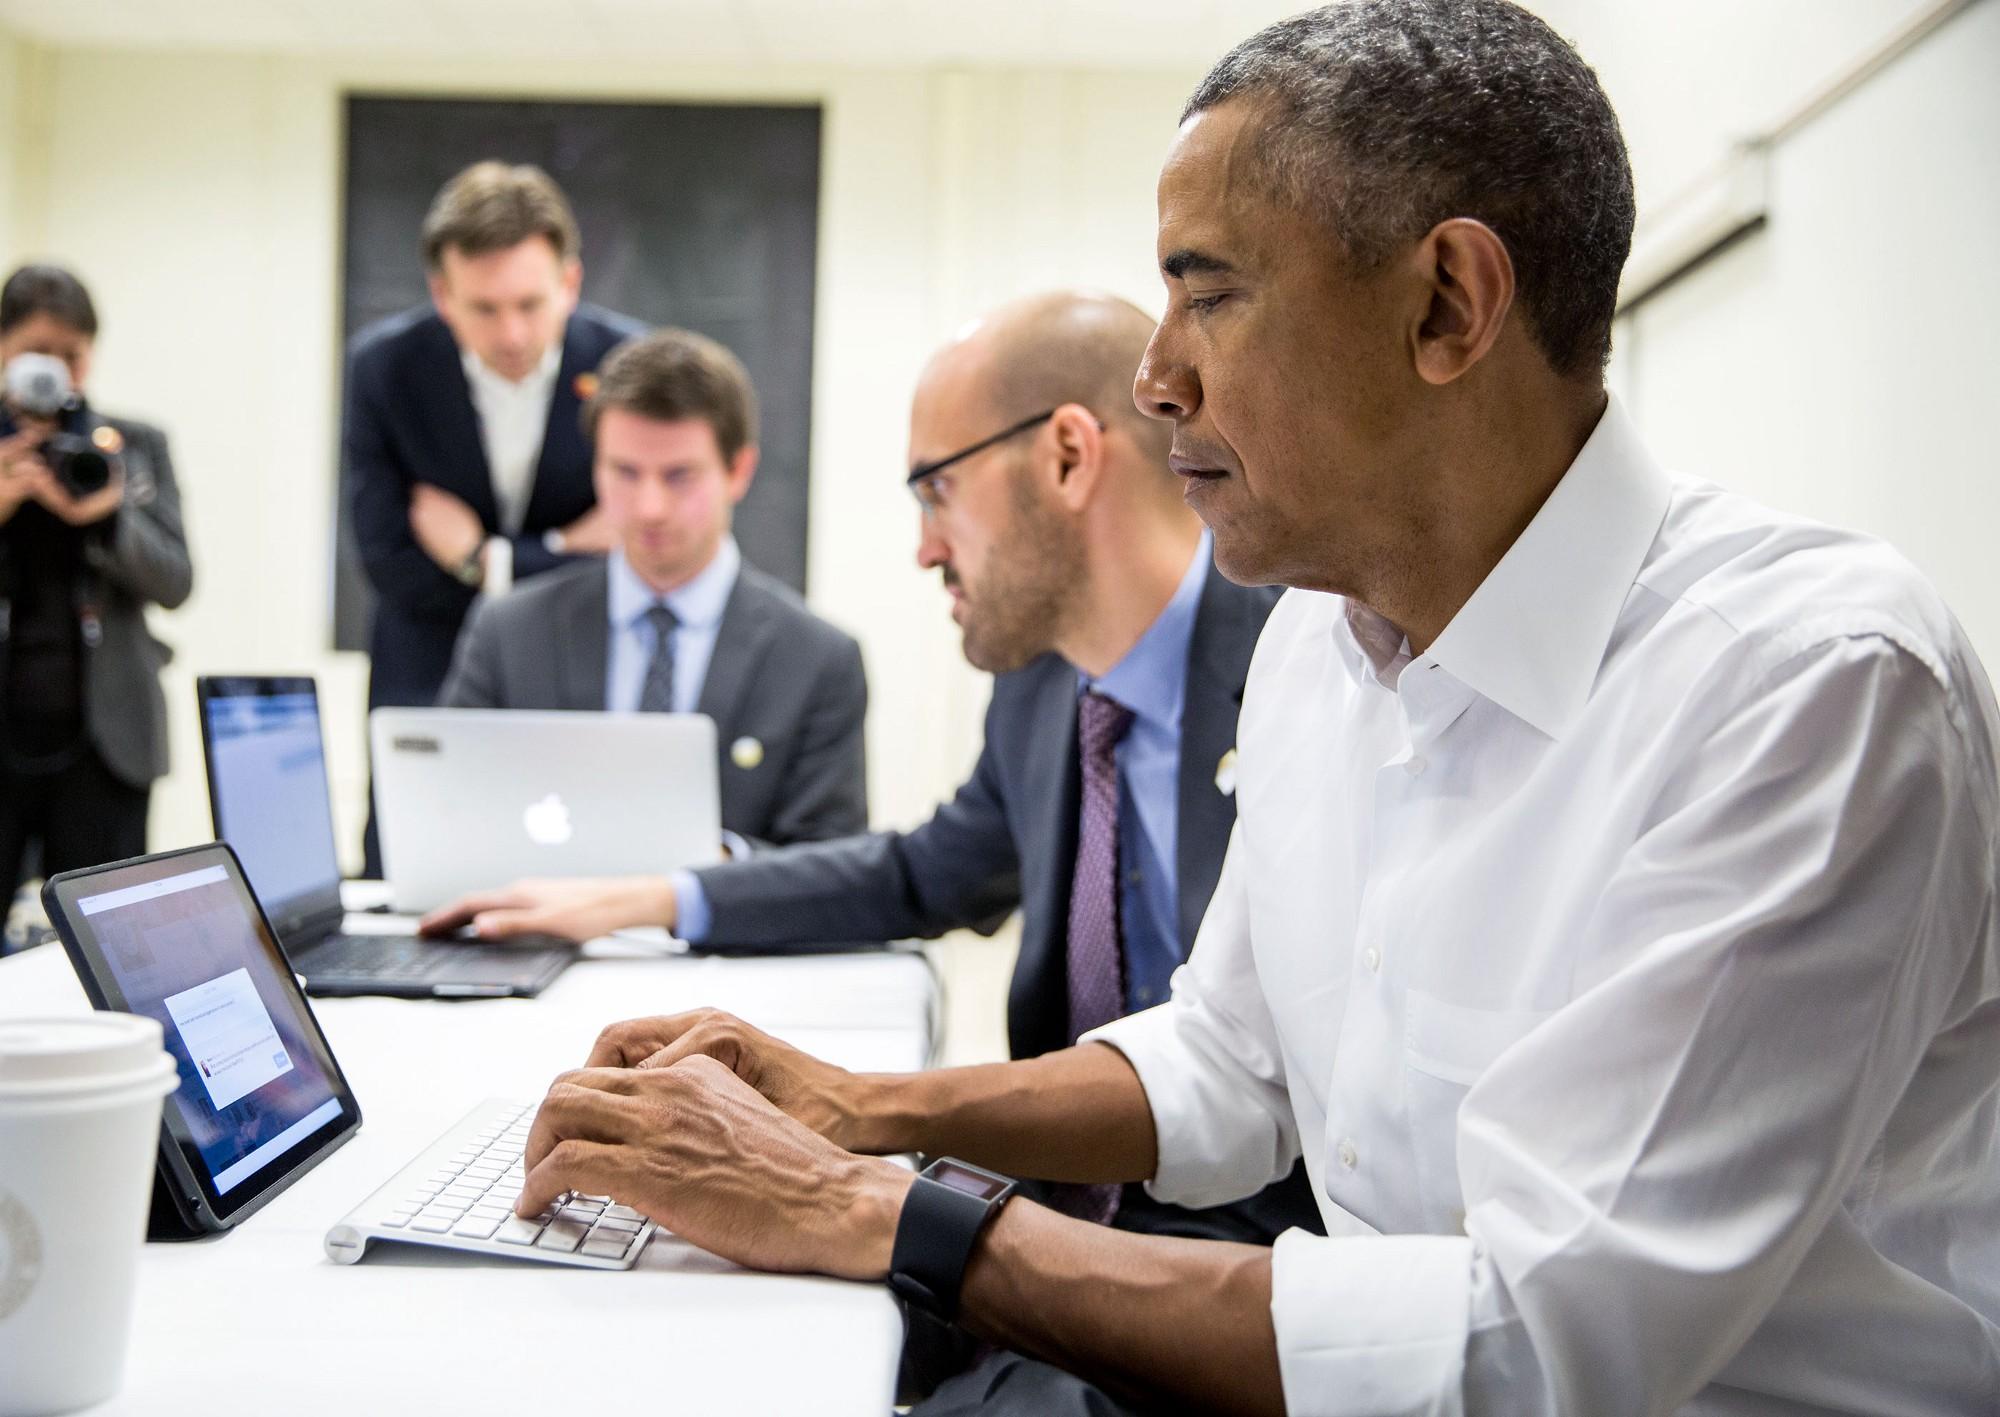 Preguntas y respuestas del presidente Obama en Twitter